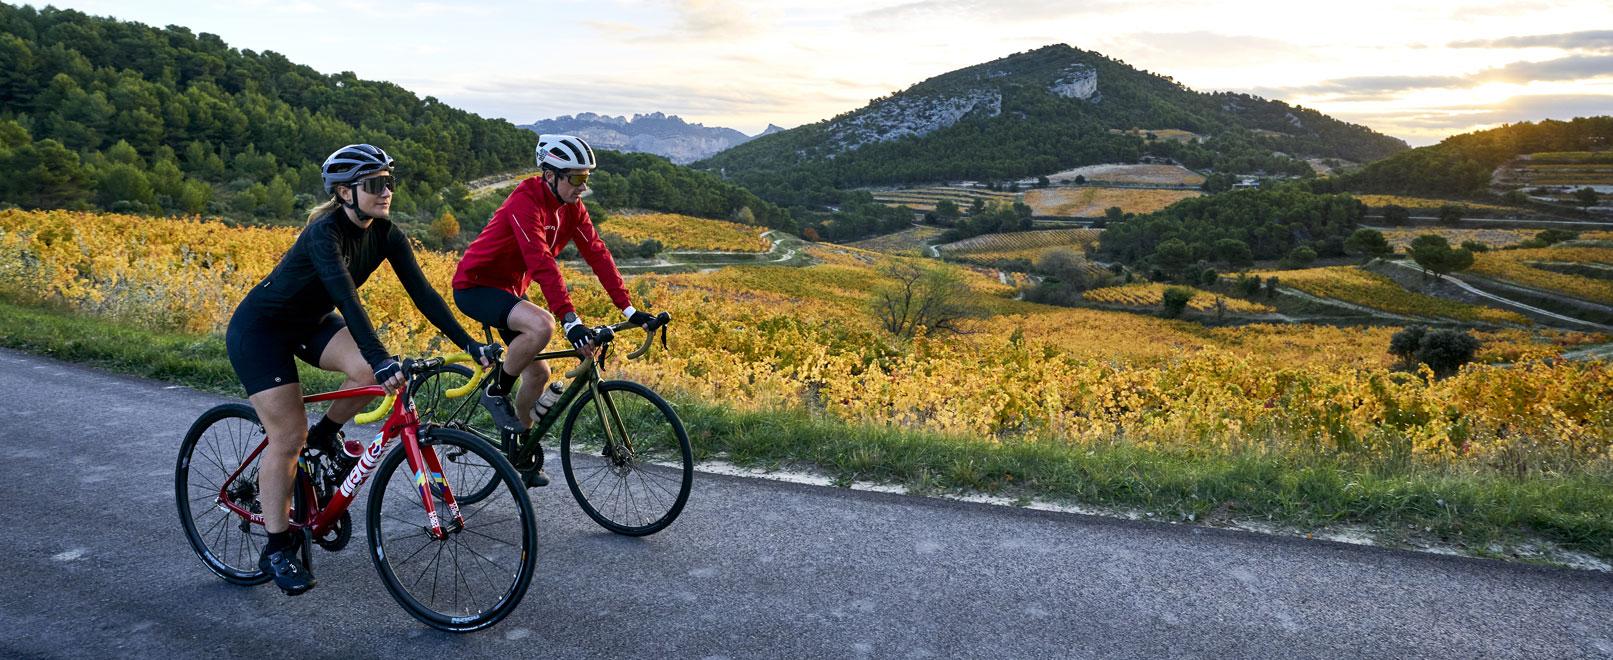 Wijngaarden en fiets: een heerlijk duo!